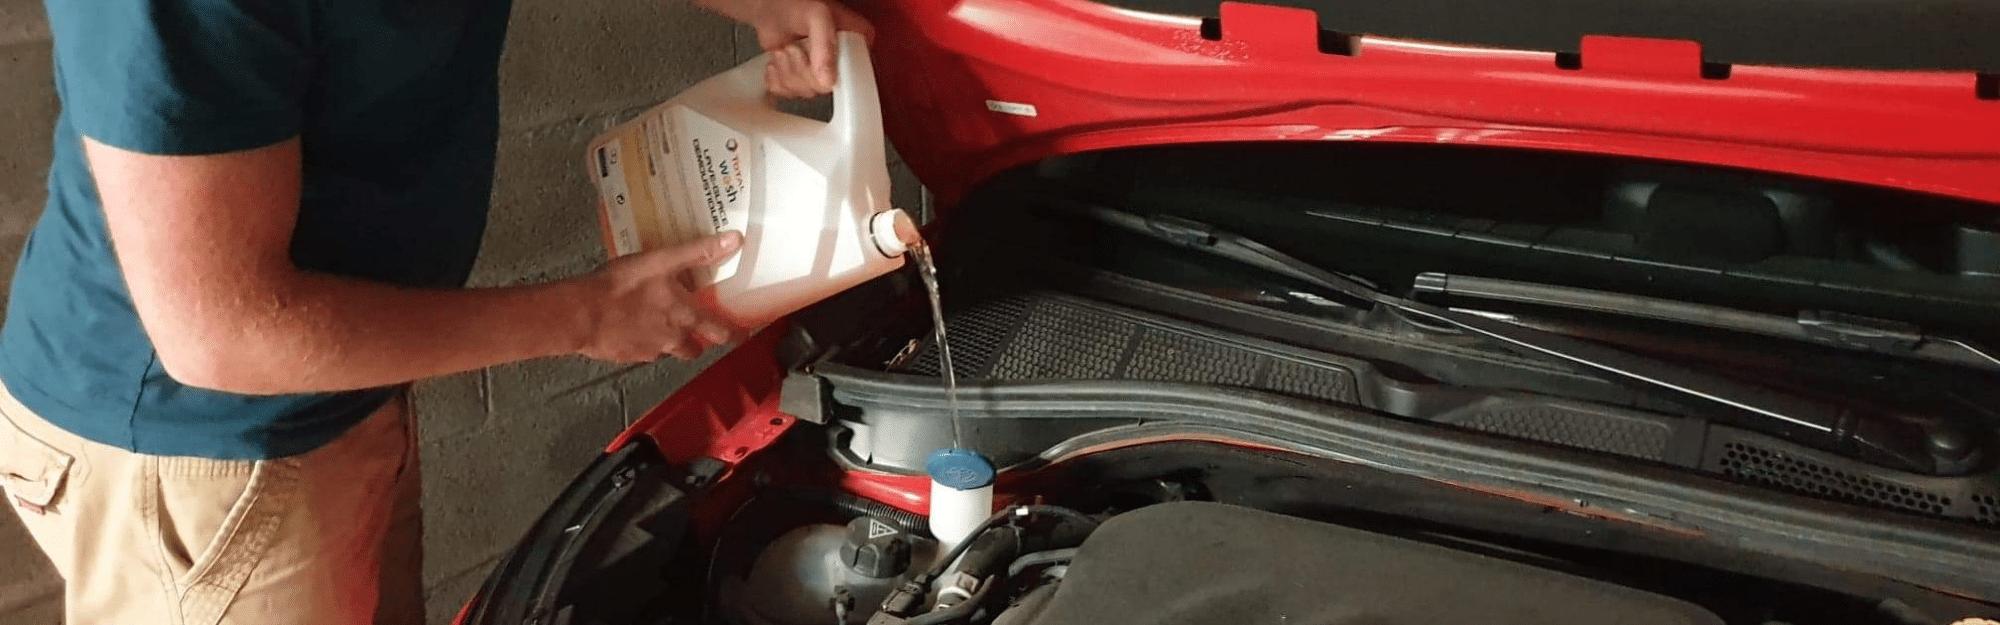 Comment mettre du liquide lave-glace dans sa voiture ?